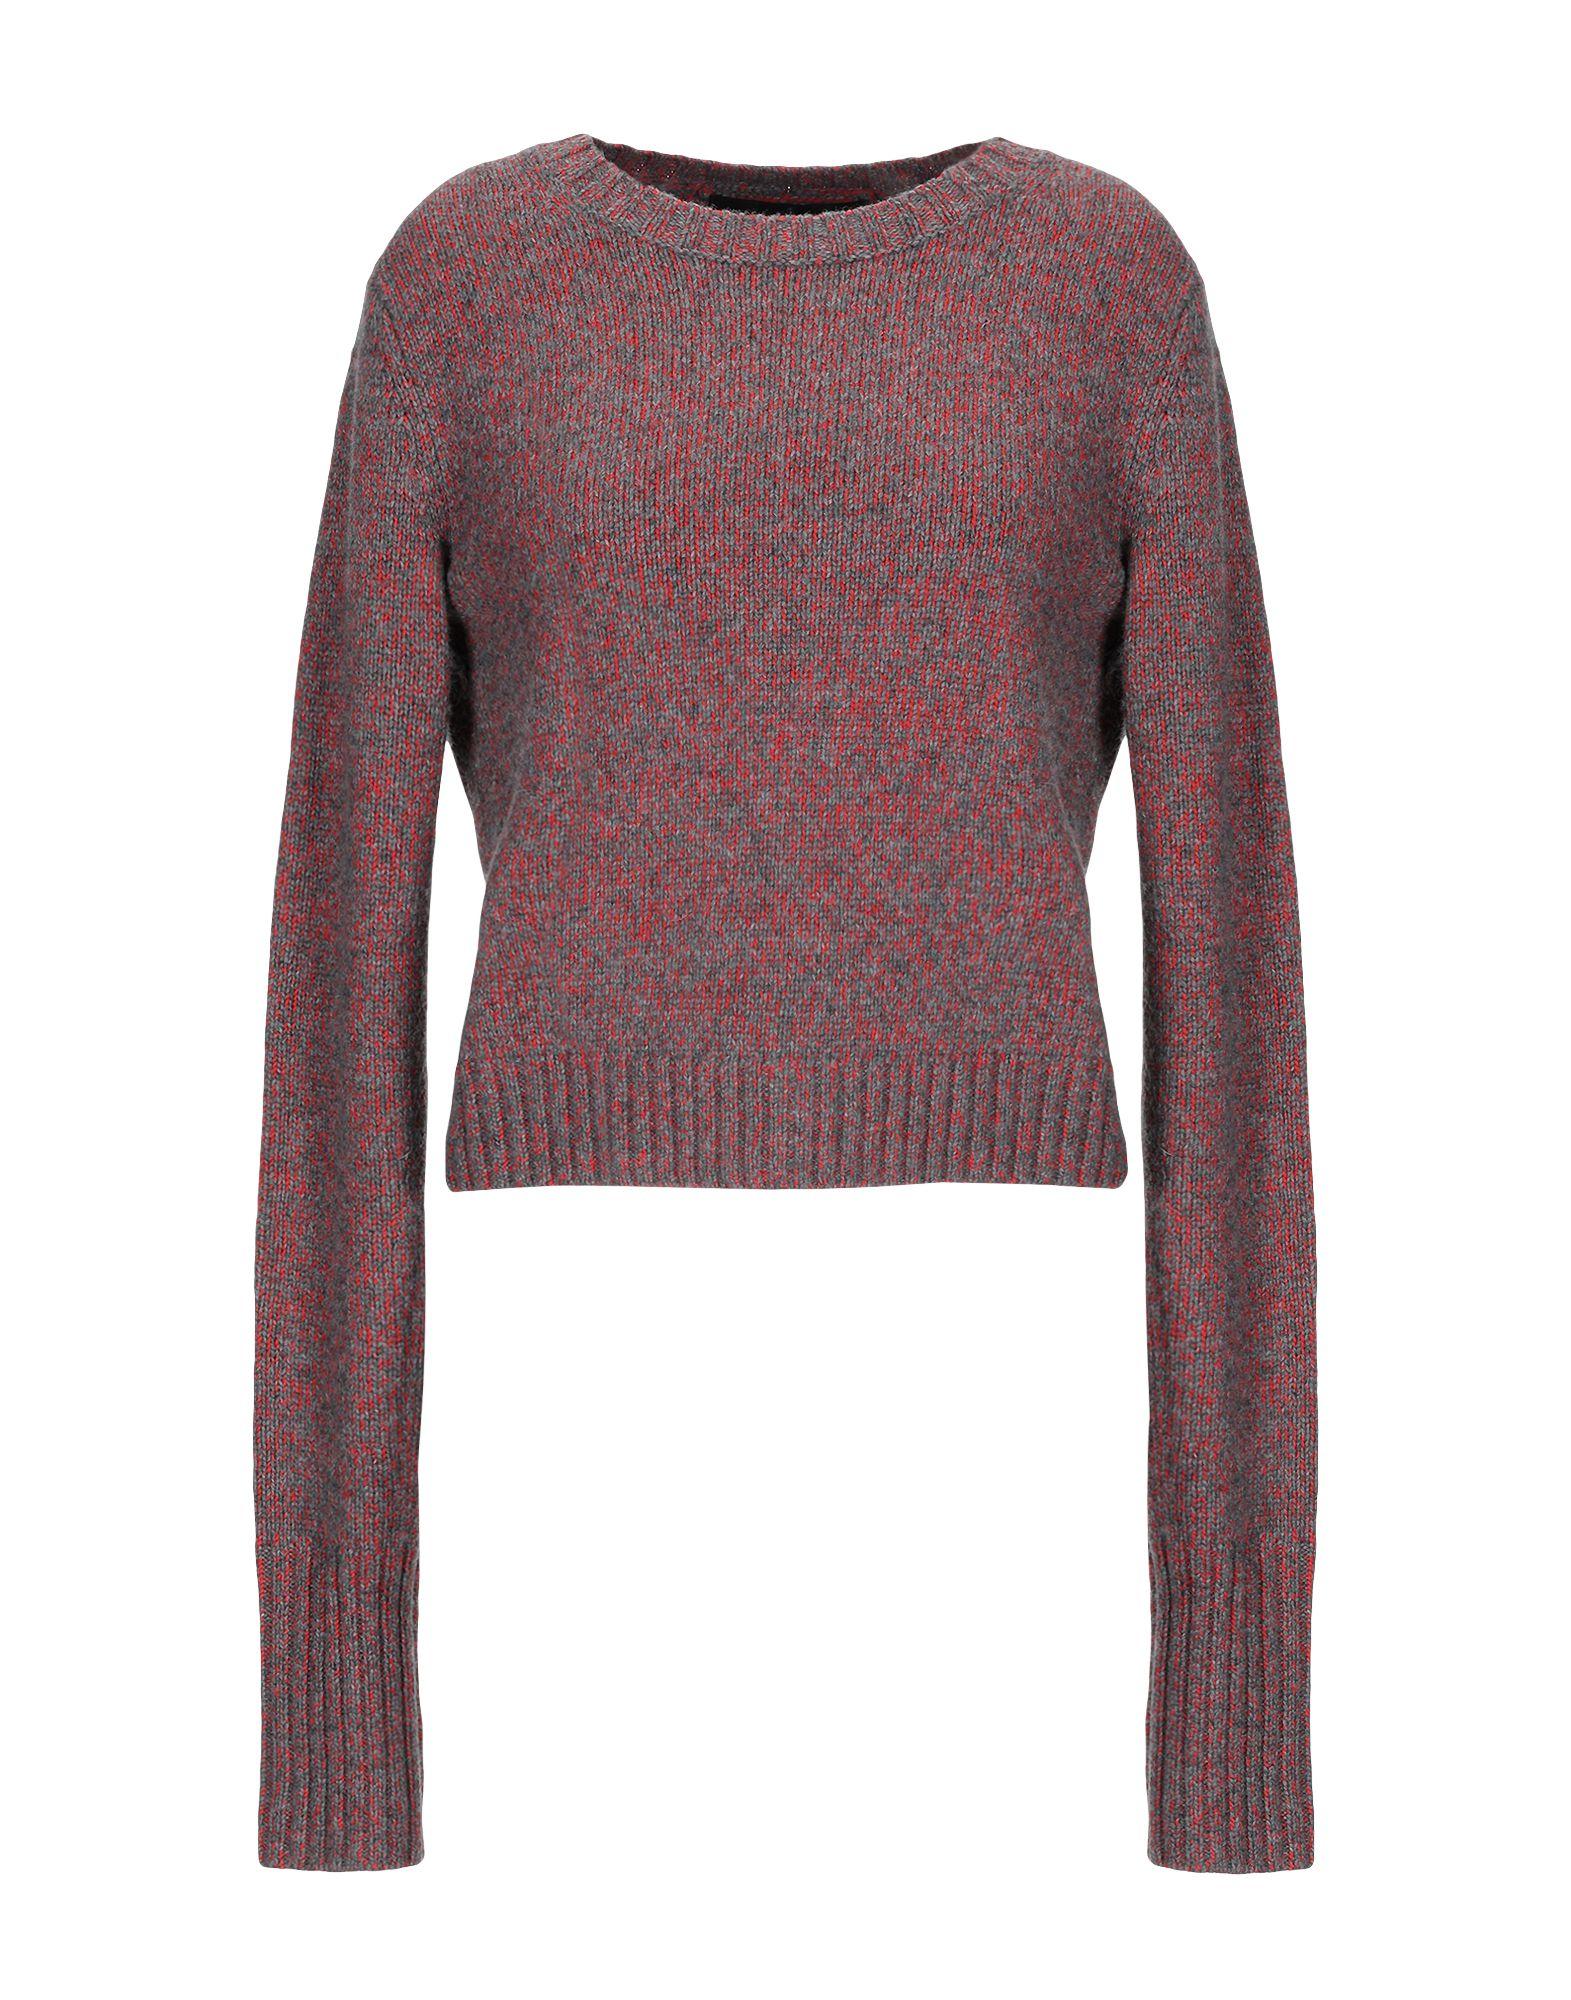 MARC BY MARC JACOBS Свитер marc jacobs свитер с округлым вырезом и лягушкой